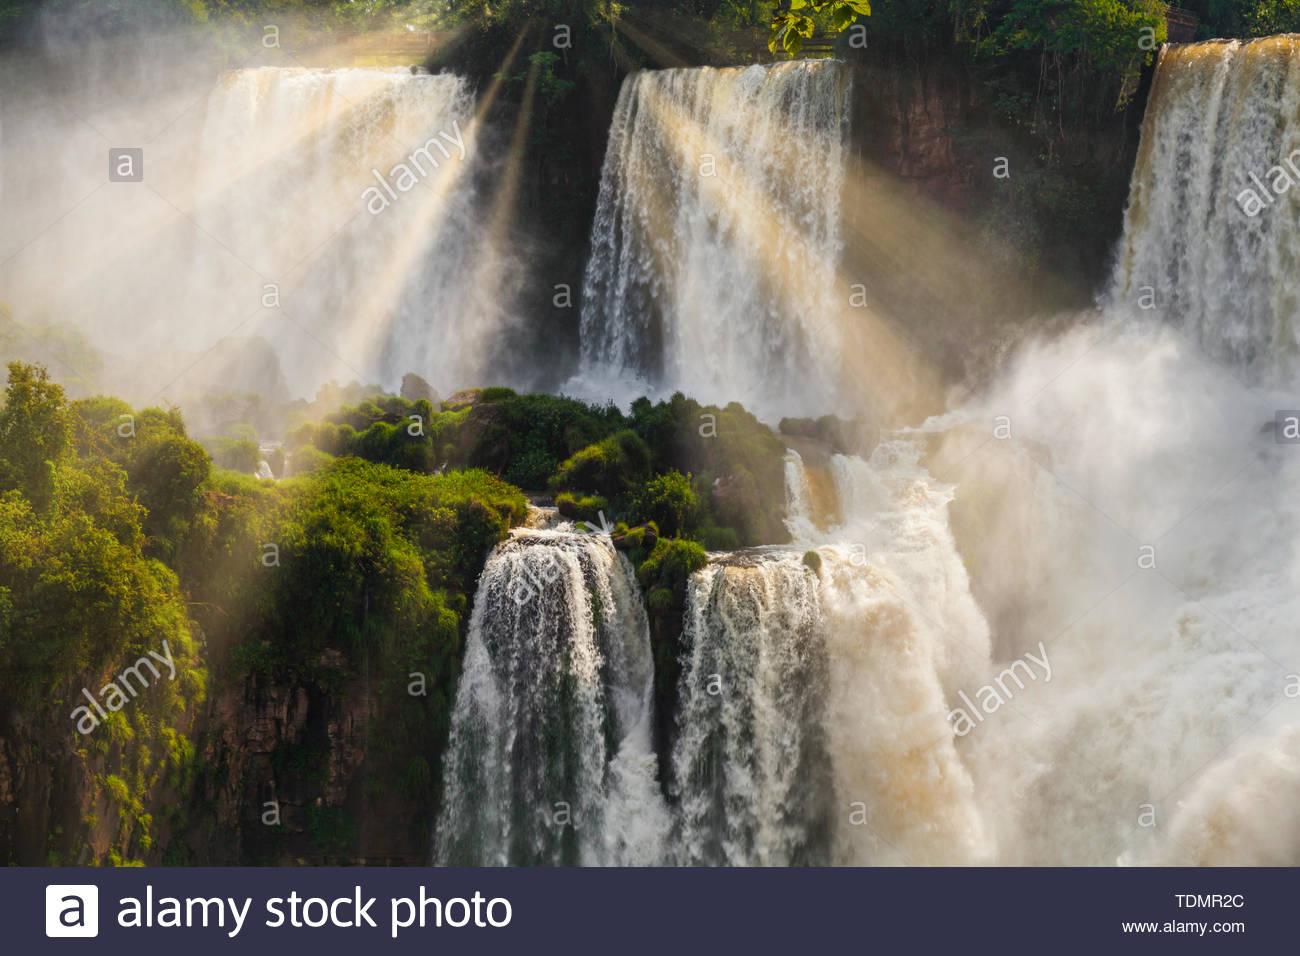 Iguazu Falls Cataratas del Iguazu are waterfalls of the Iguazu River - Stock Image